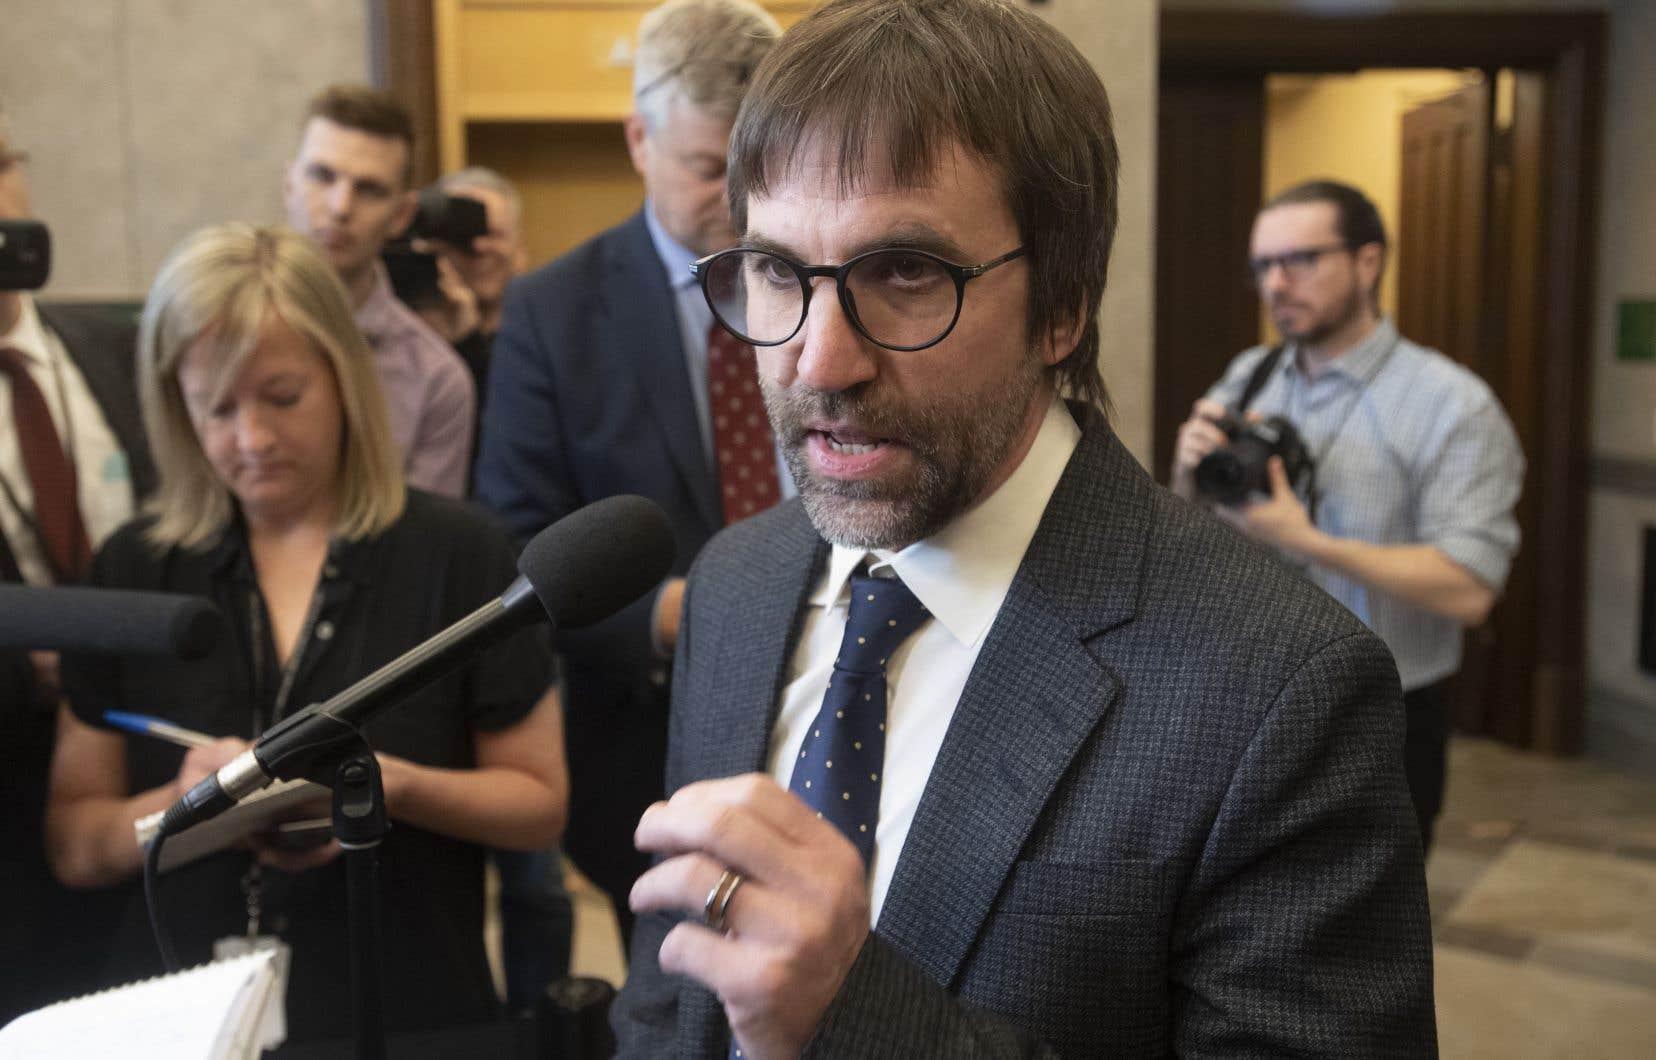 Selon le ministre Steven Guilbeault une «confusion» aurait été créée par des «gens qui ont très mal compris ce qui est dans le rapport Yale» sur l'avenir des communications au Canada.